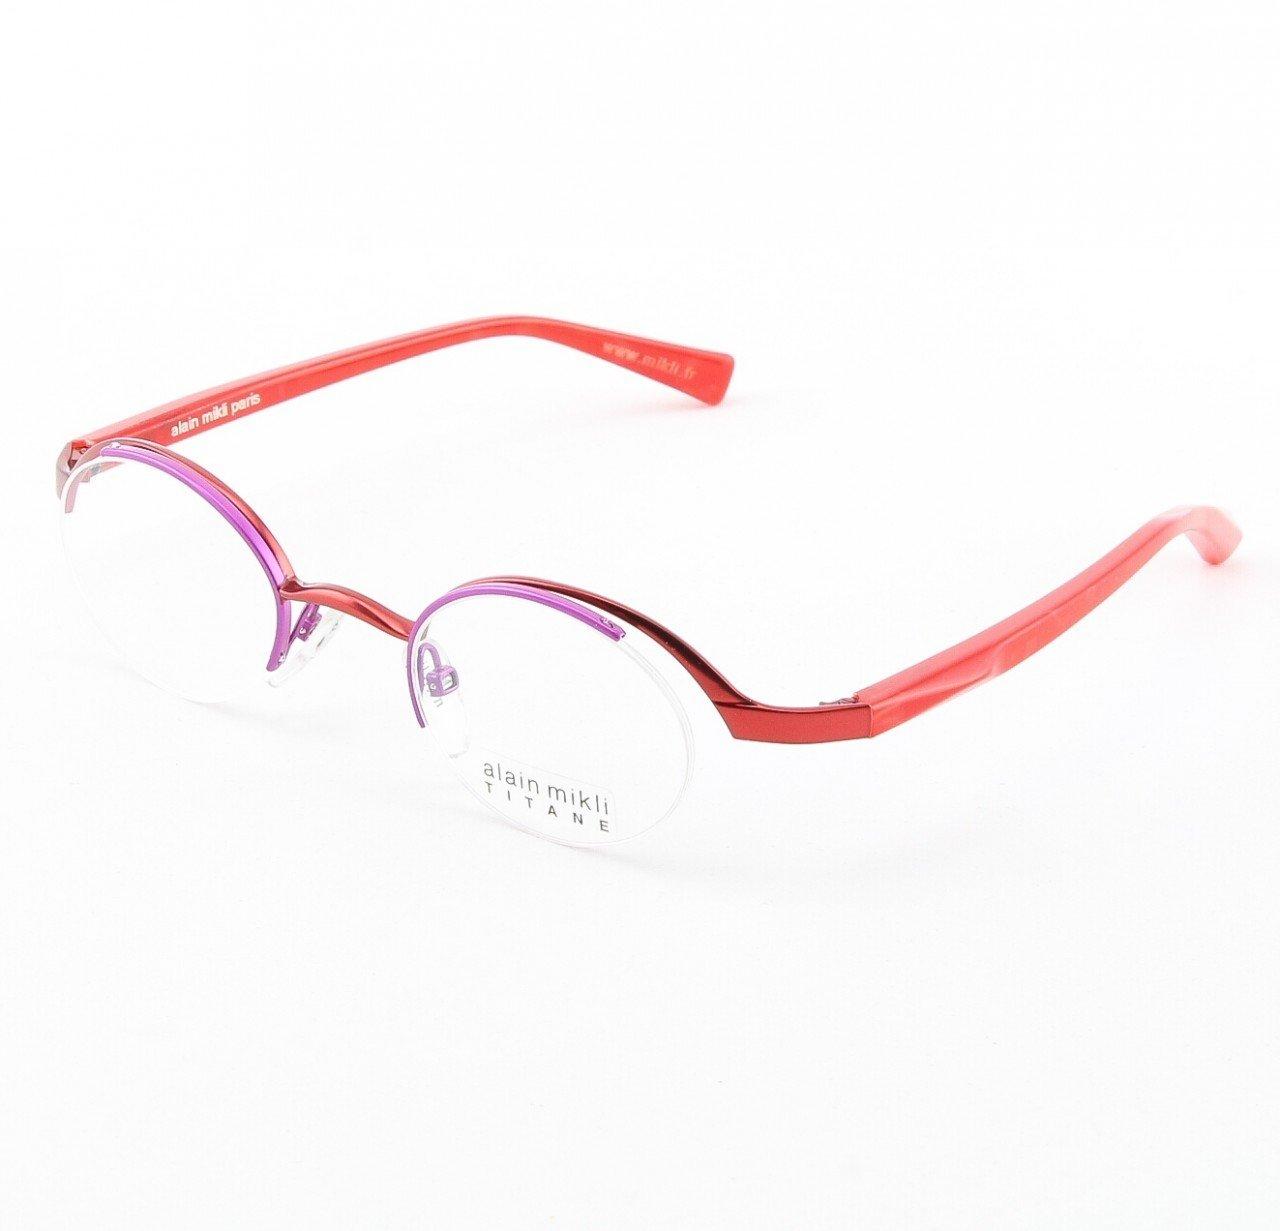 Alain Mikli Eyeglasses AL0552 Col. 14 Purple Metallic with Raspberry Temples